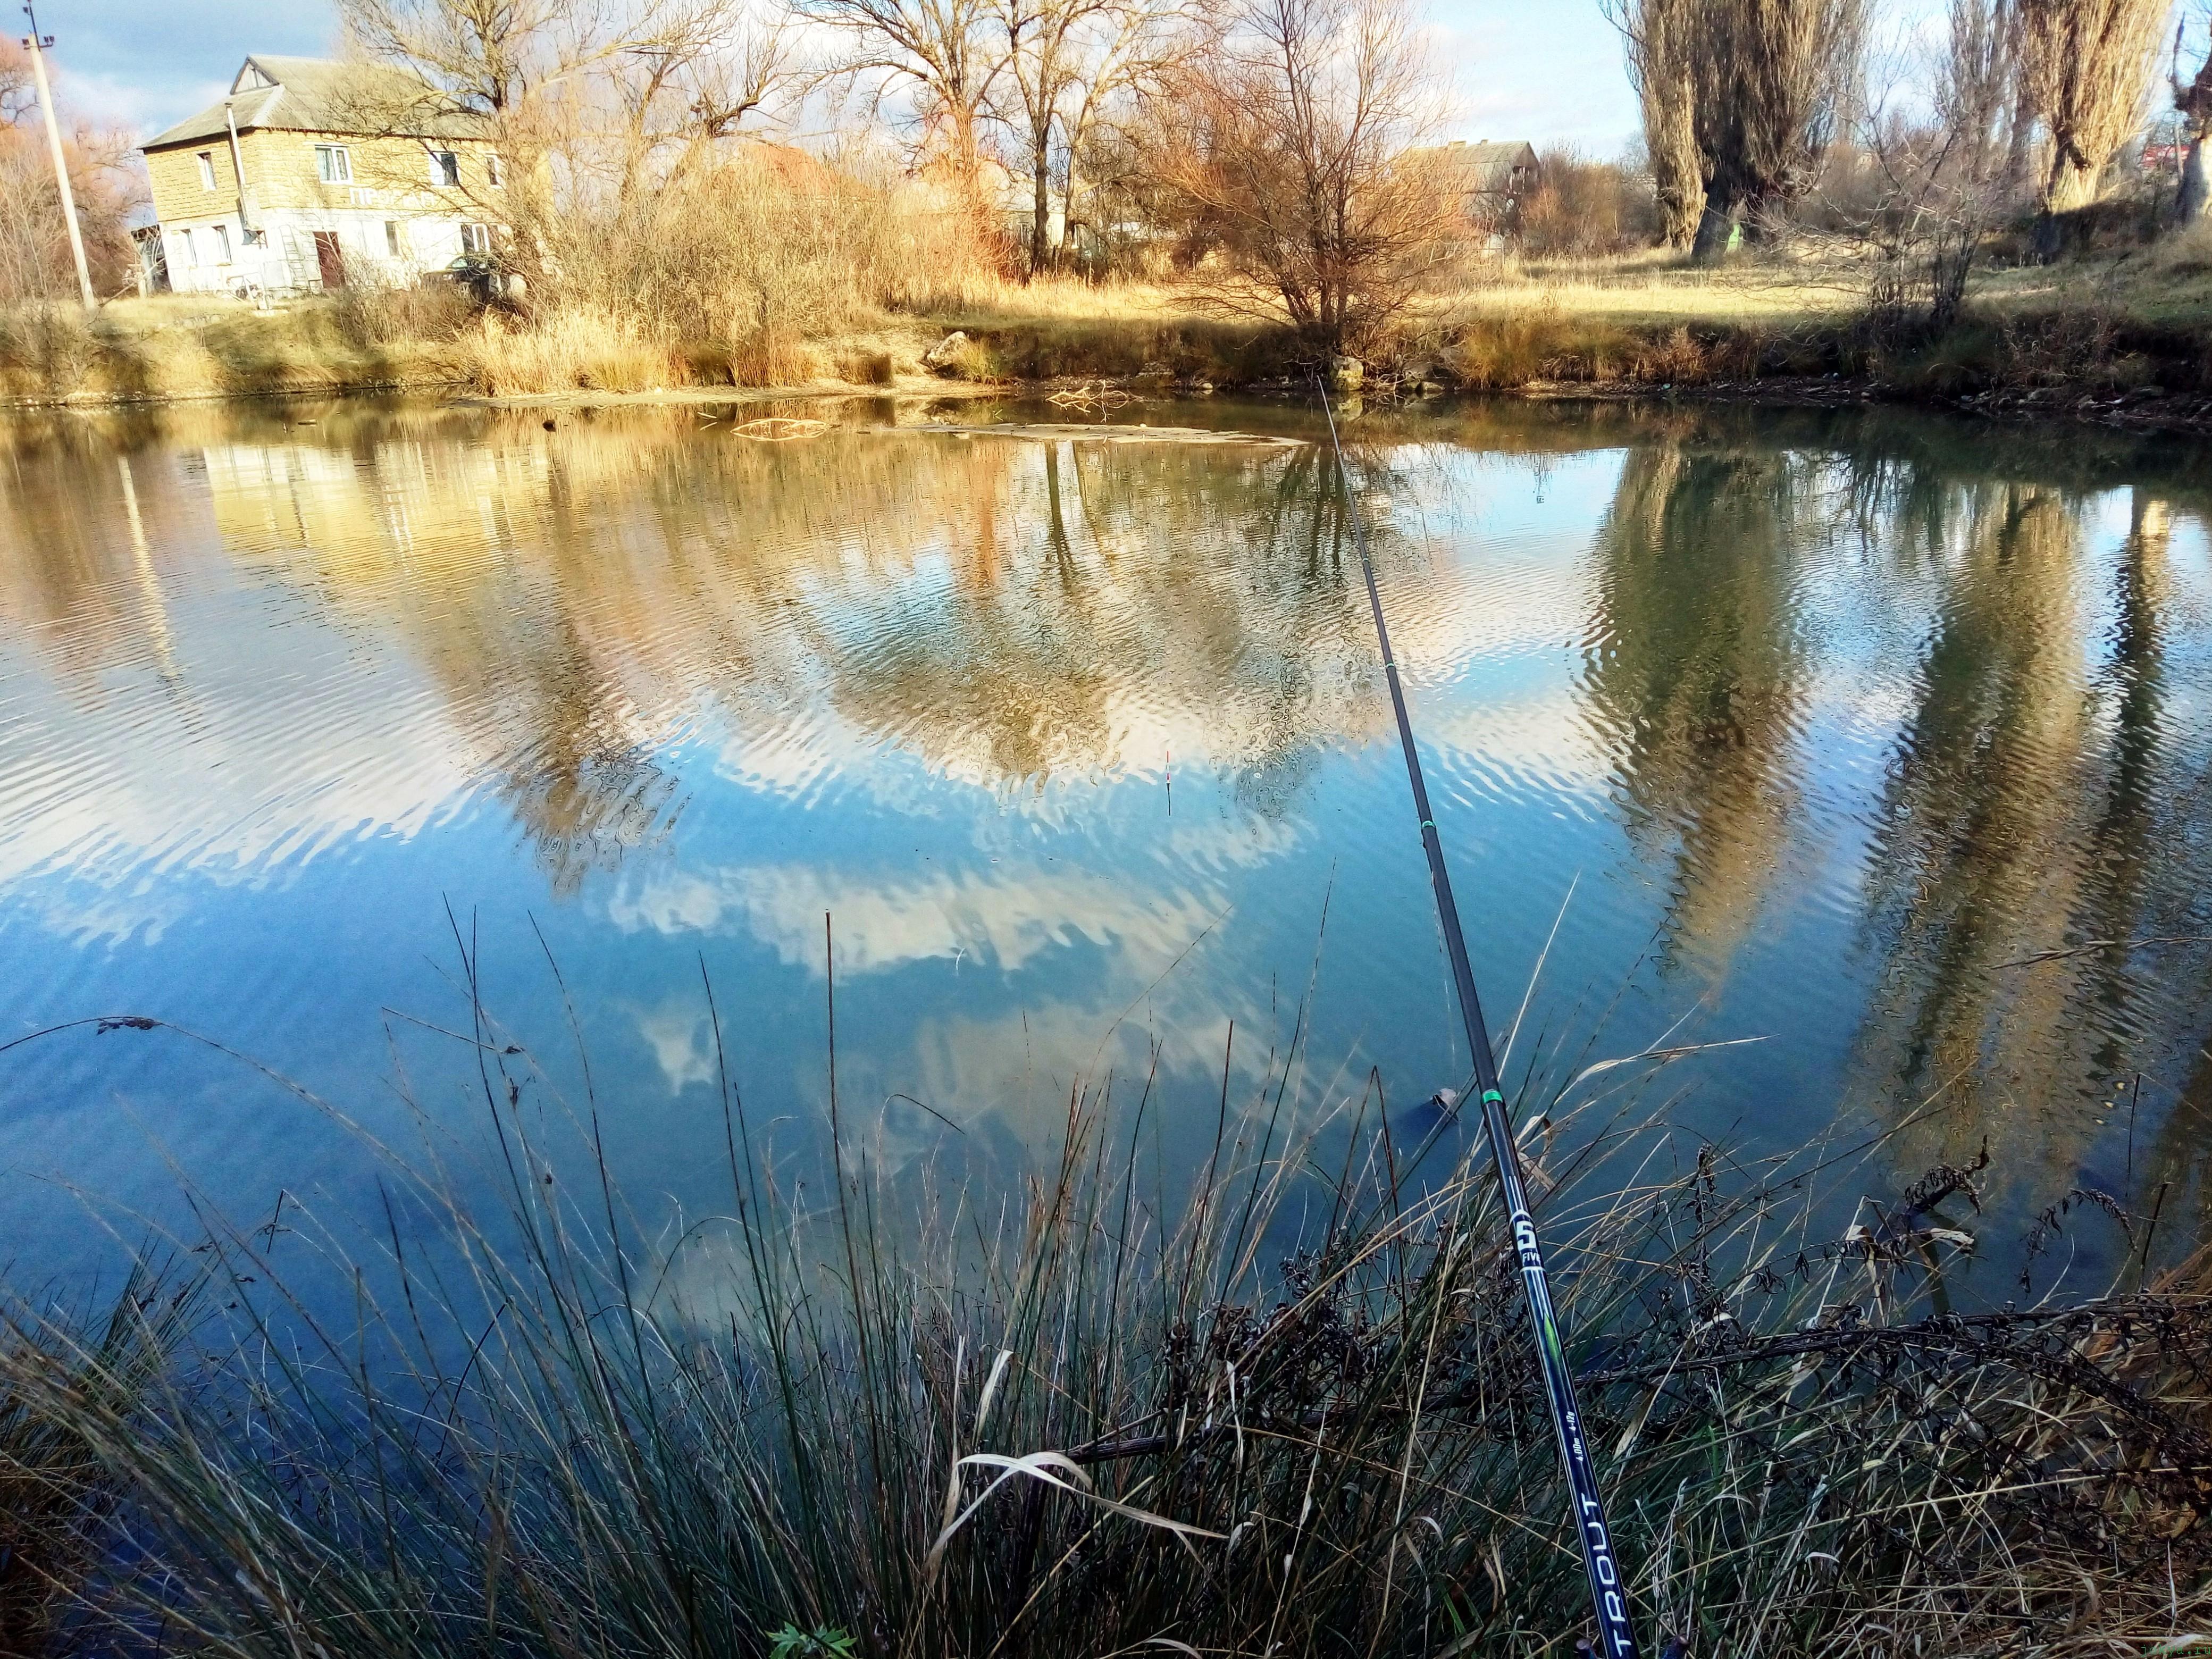 Ловля пескаря зимою в декабре фото заметка из моей реальности в Крыму jokya.ru